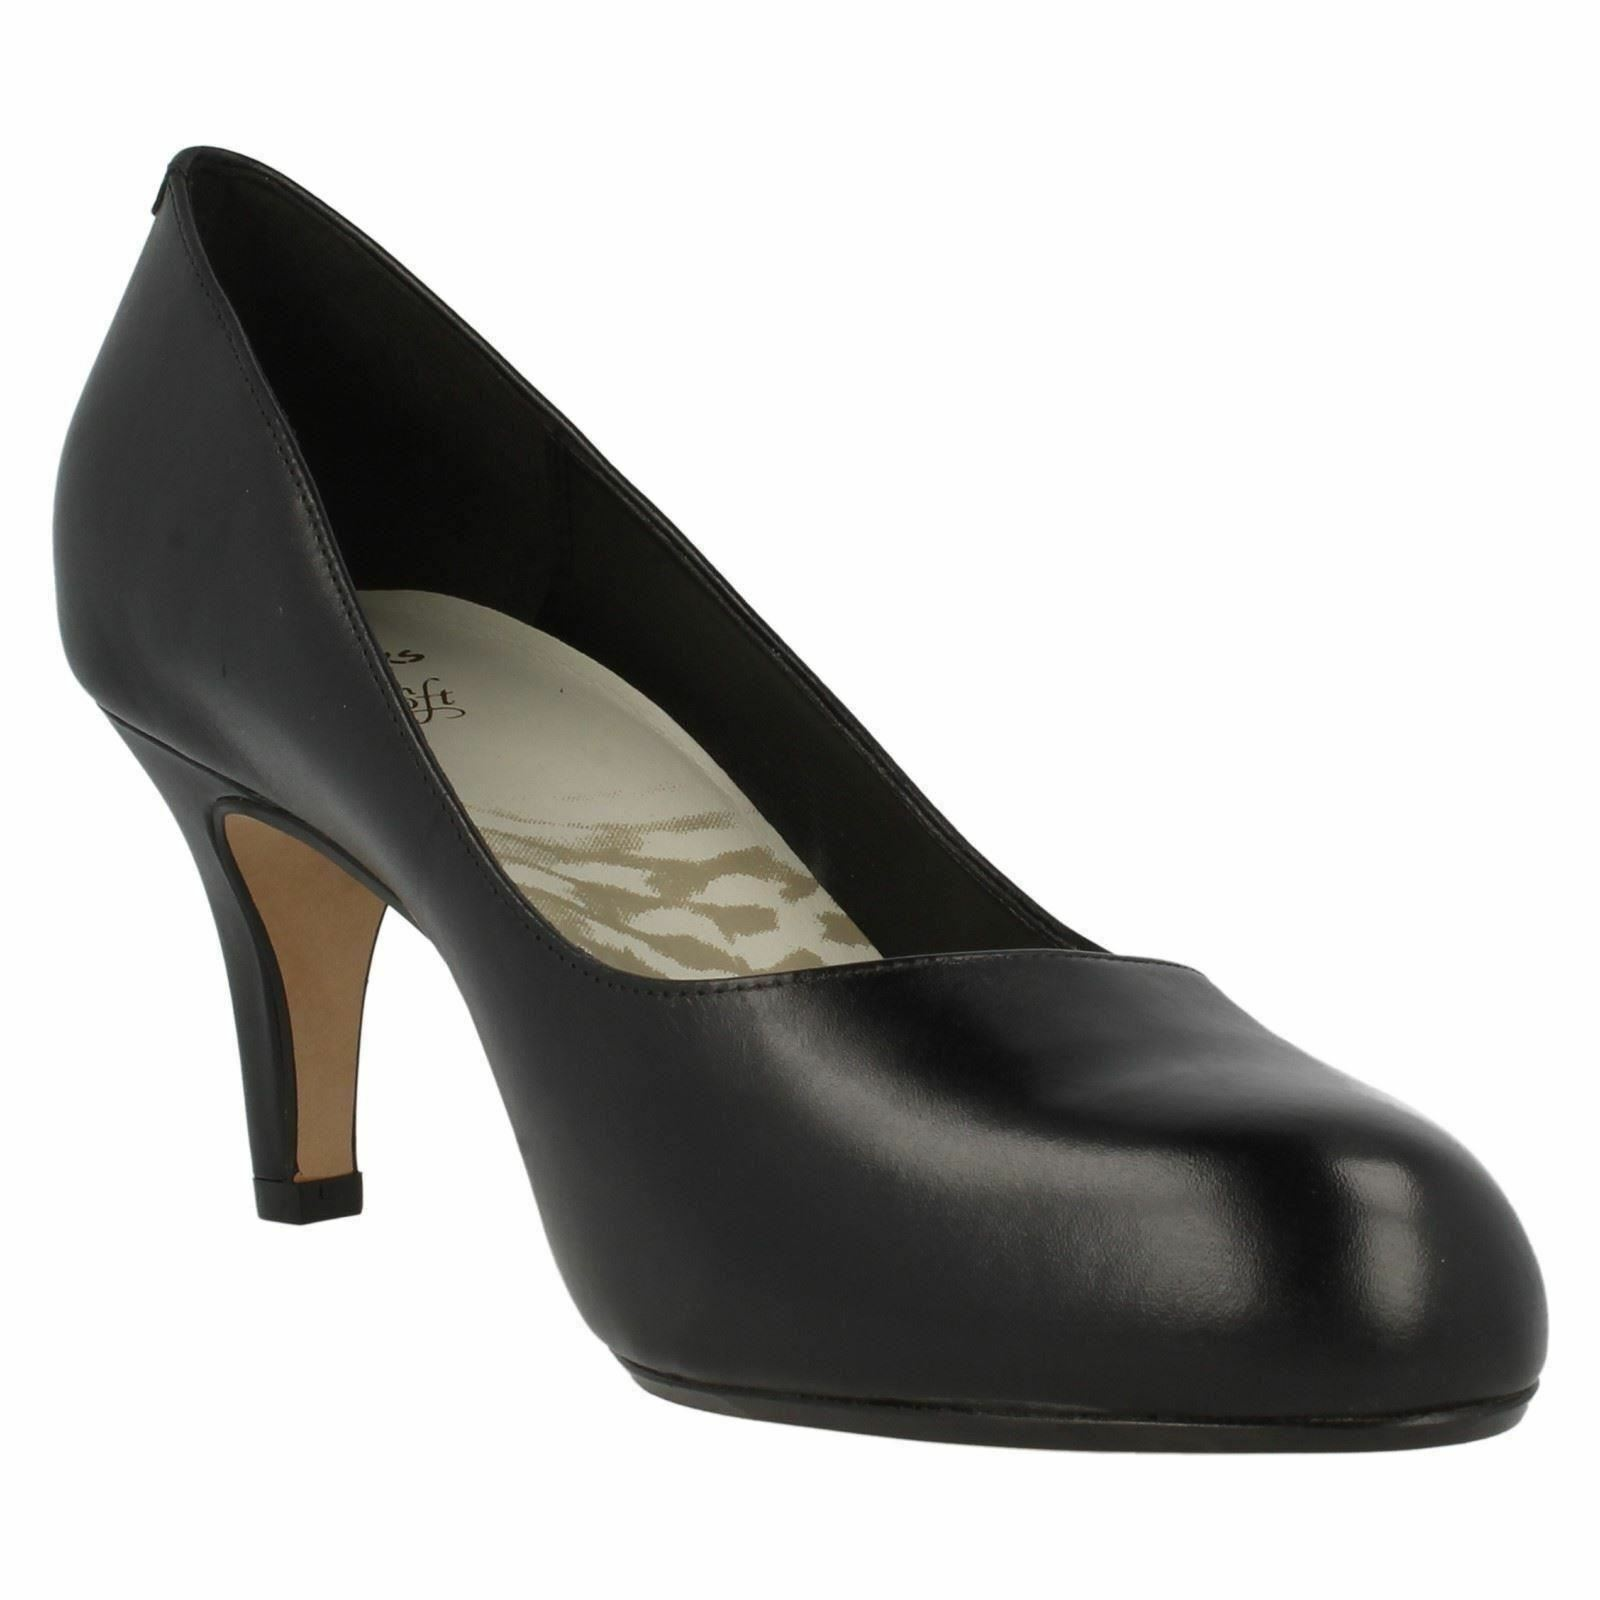 Clarks'Arista ABE 'Damen schwarz Leder 2.75 schmaler Absatz Freizeit Pumps